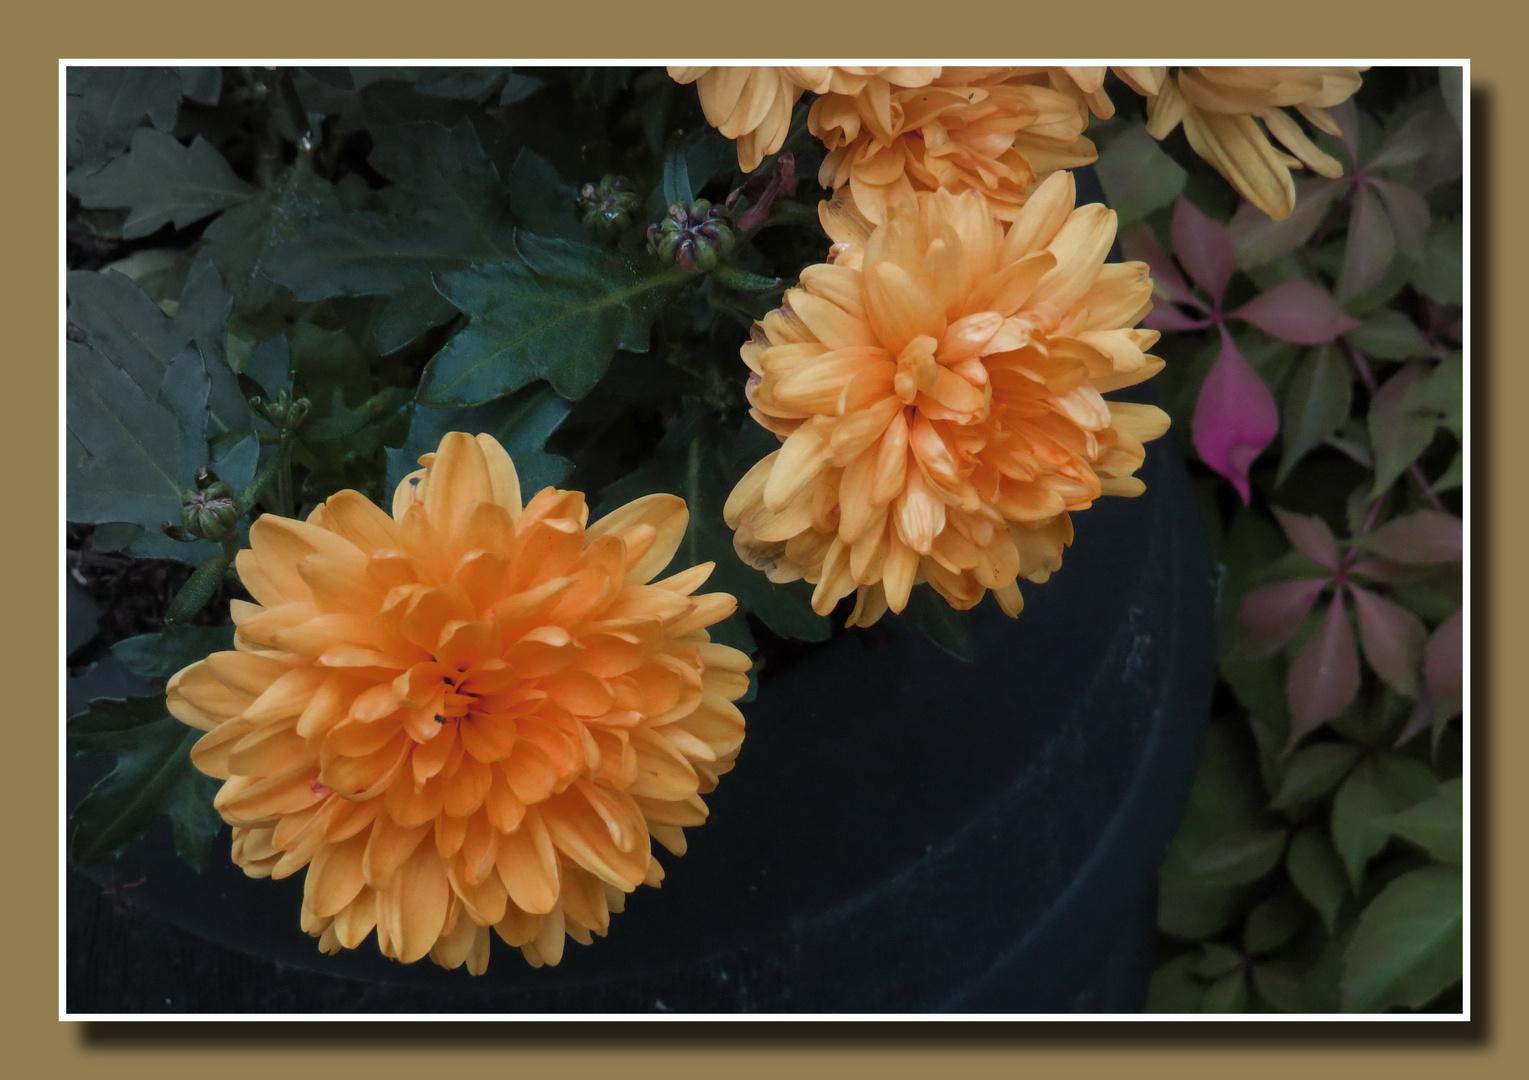 Pflanzenkübel - rechtzeitig zum kalendarischen Herbstbeginn,